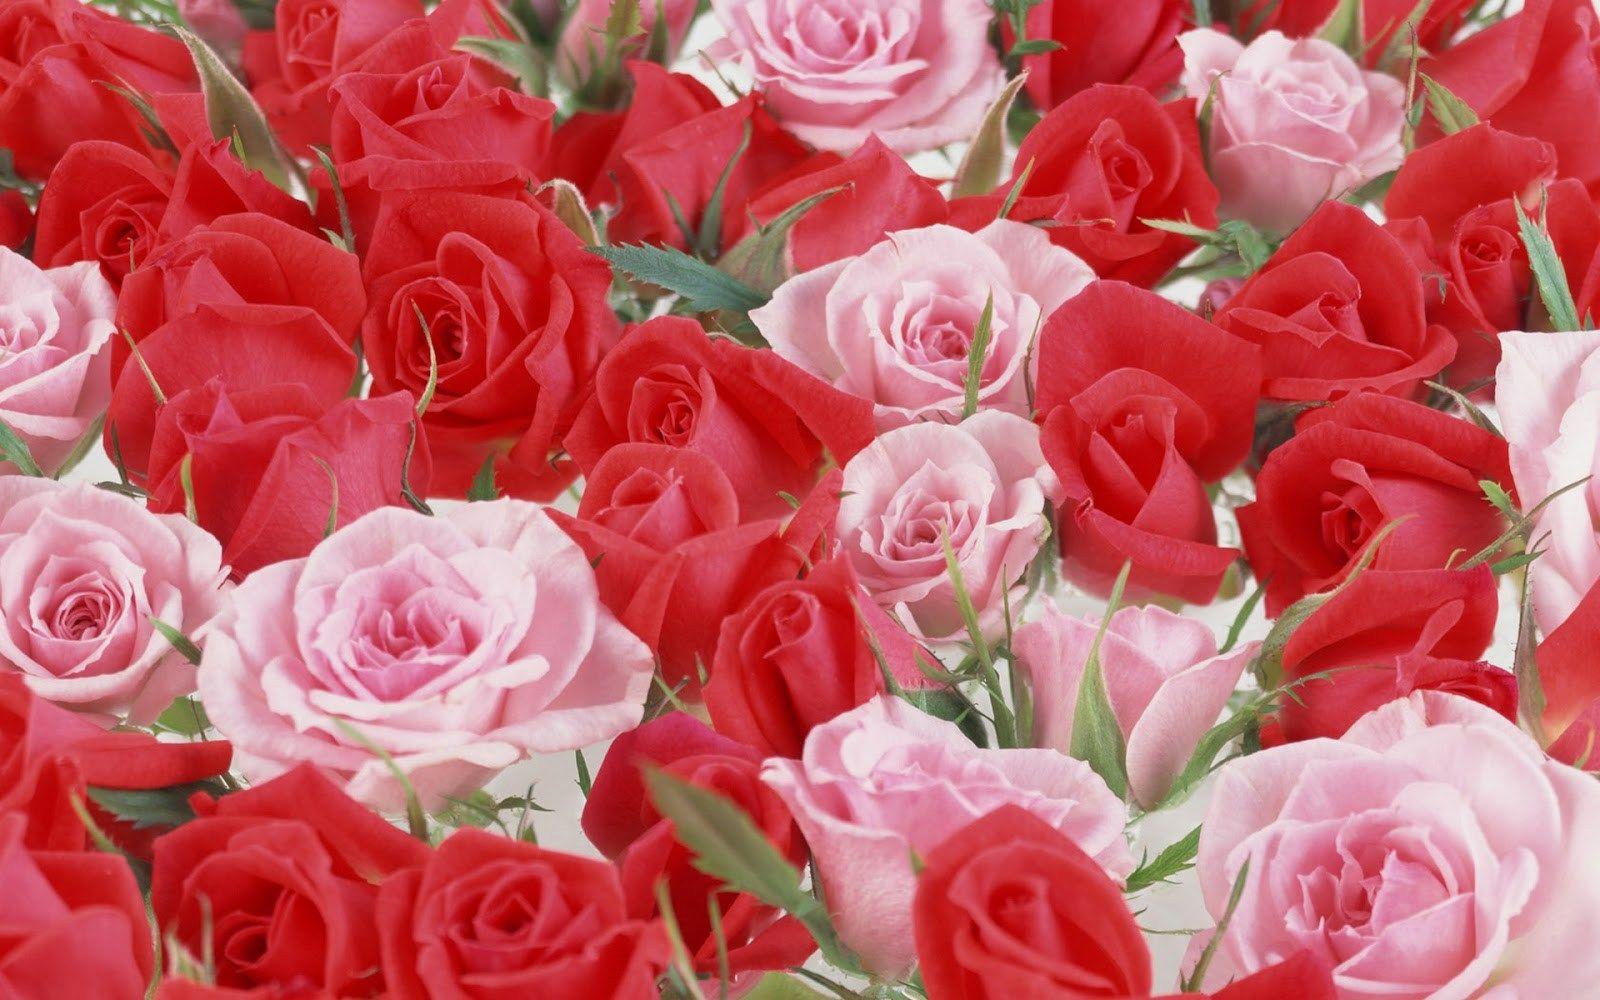 ورد ملون جميل Imagx Rose Flower Wallpaper Red Flower Wallpaper Beautiful Flowers Wallpapers